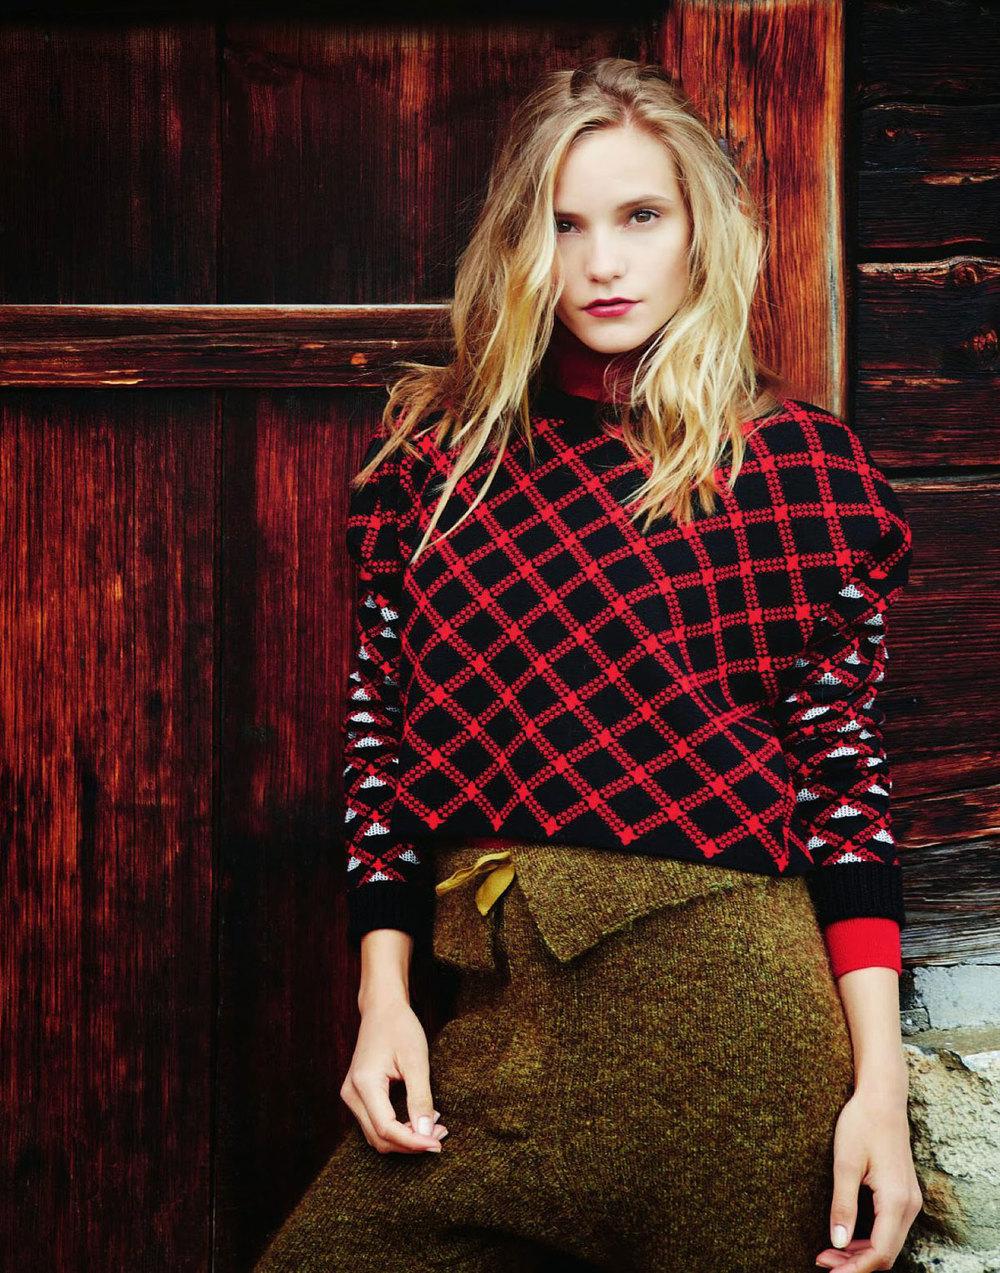 Dorothea-Barth-Jorgensen-by-Erik-Madigan-Heck-for-Harper's-Bazaar-UK-October-2014-1.jpg